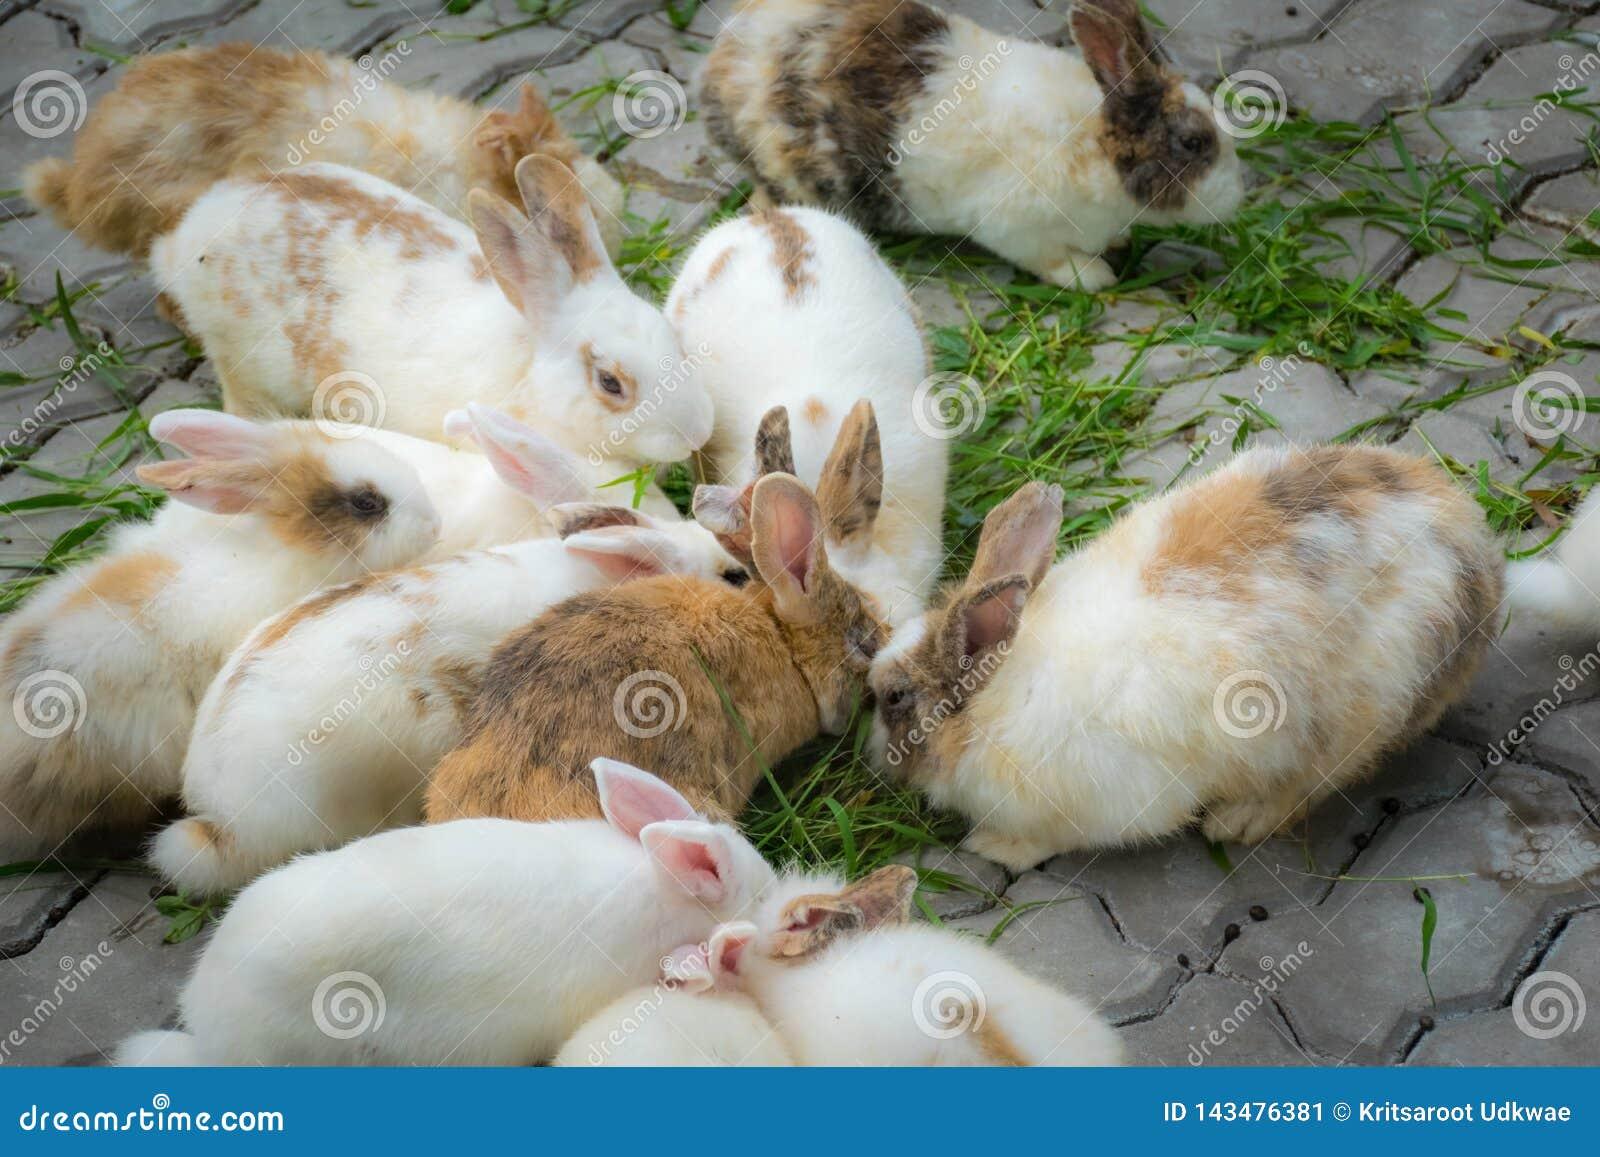 可爱的兔子吃着在地面的草